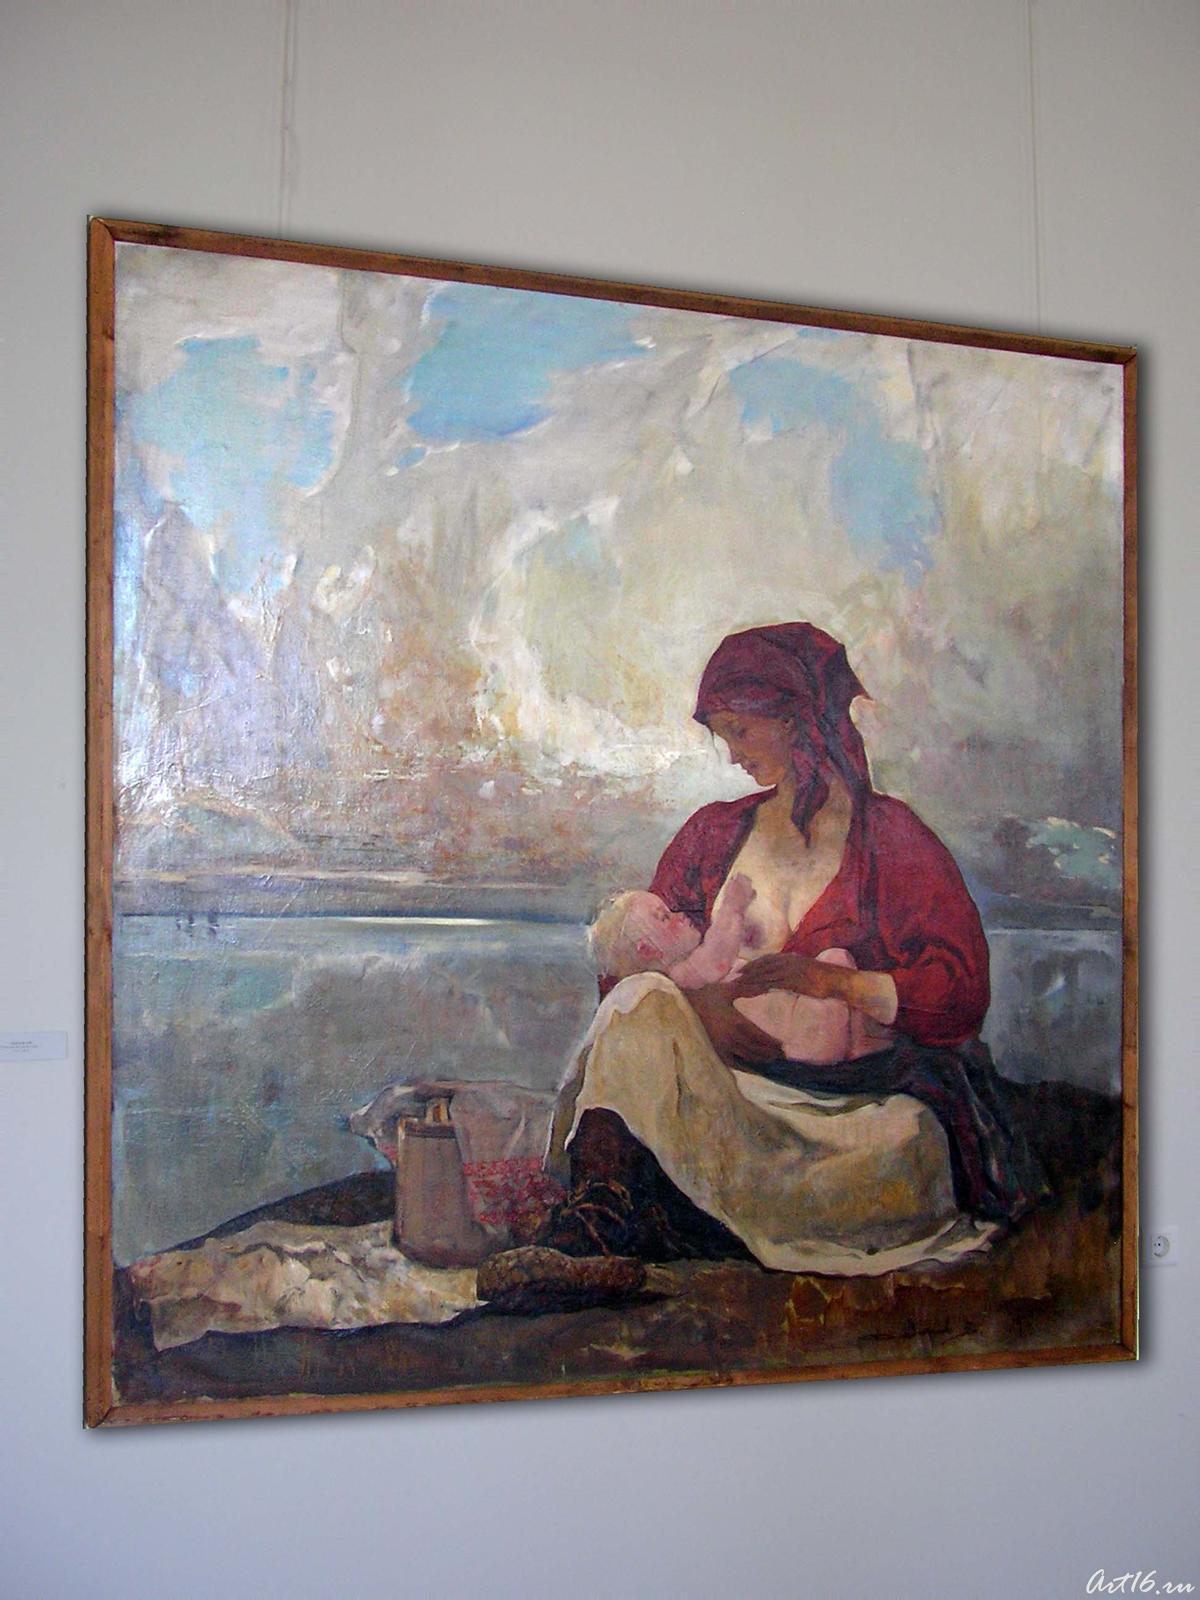 Фото №19317. Мать, 1970. Фёдоров В.